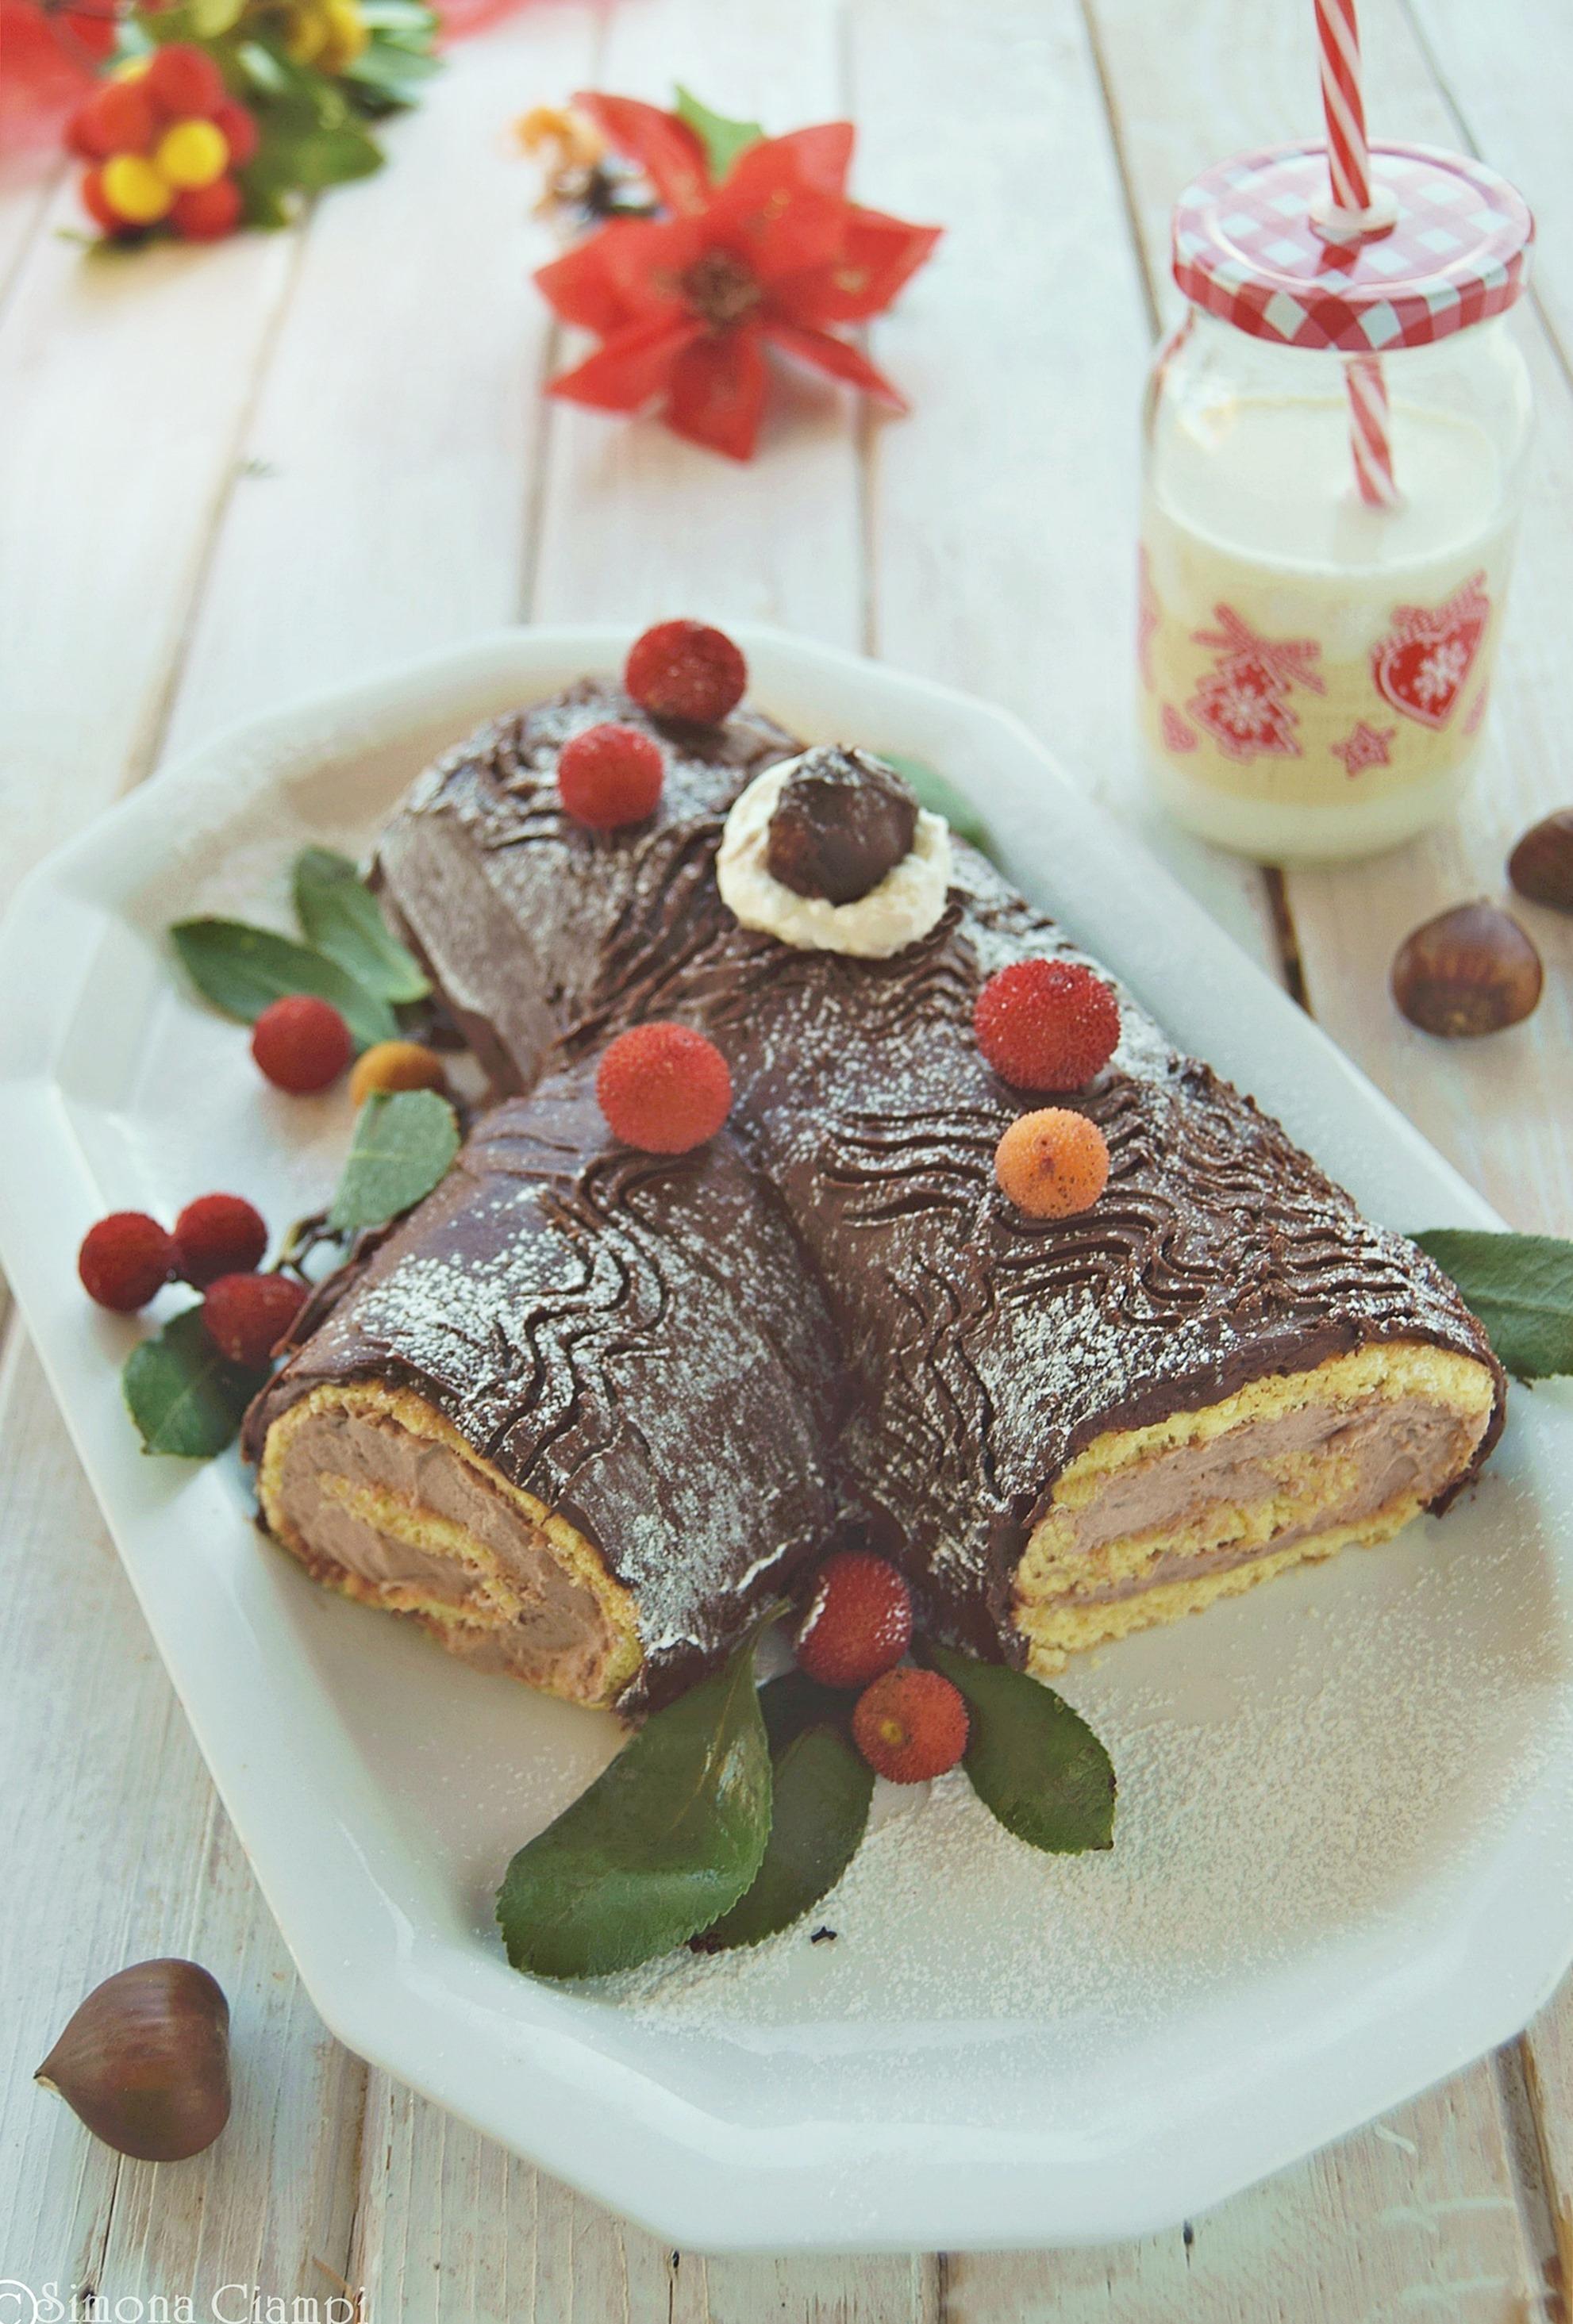 Tronchetto Di Natale Con Marmellata Di Castagne.Tronchetto Di Natale Alle Castagne